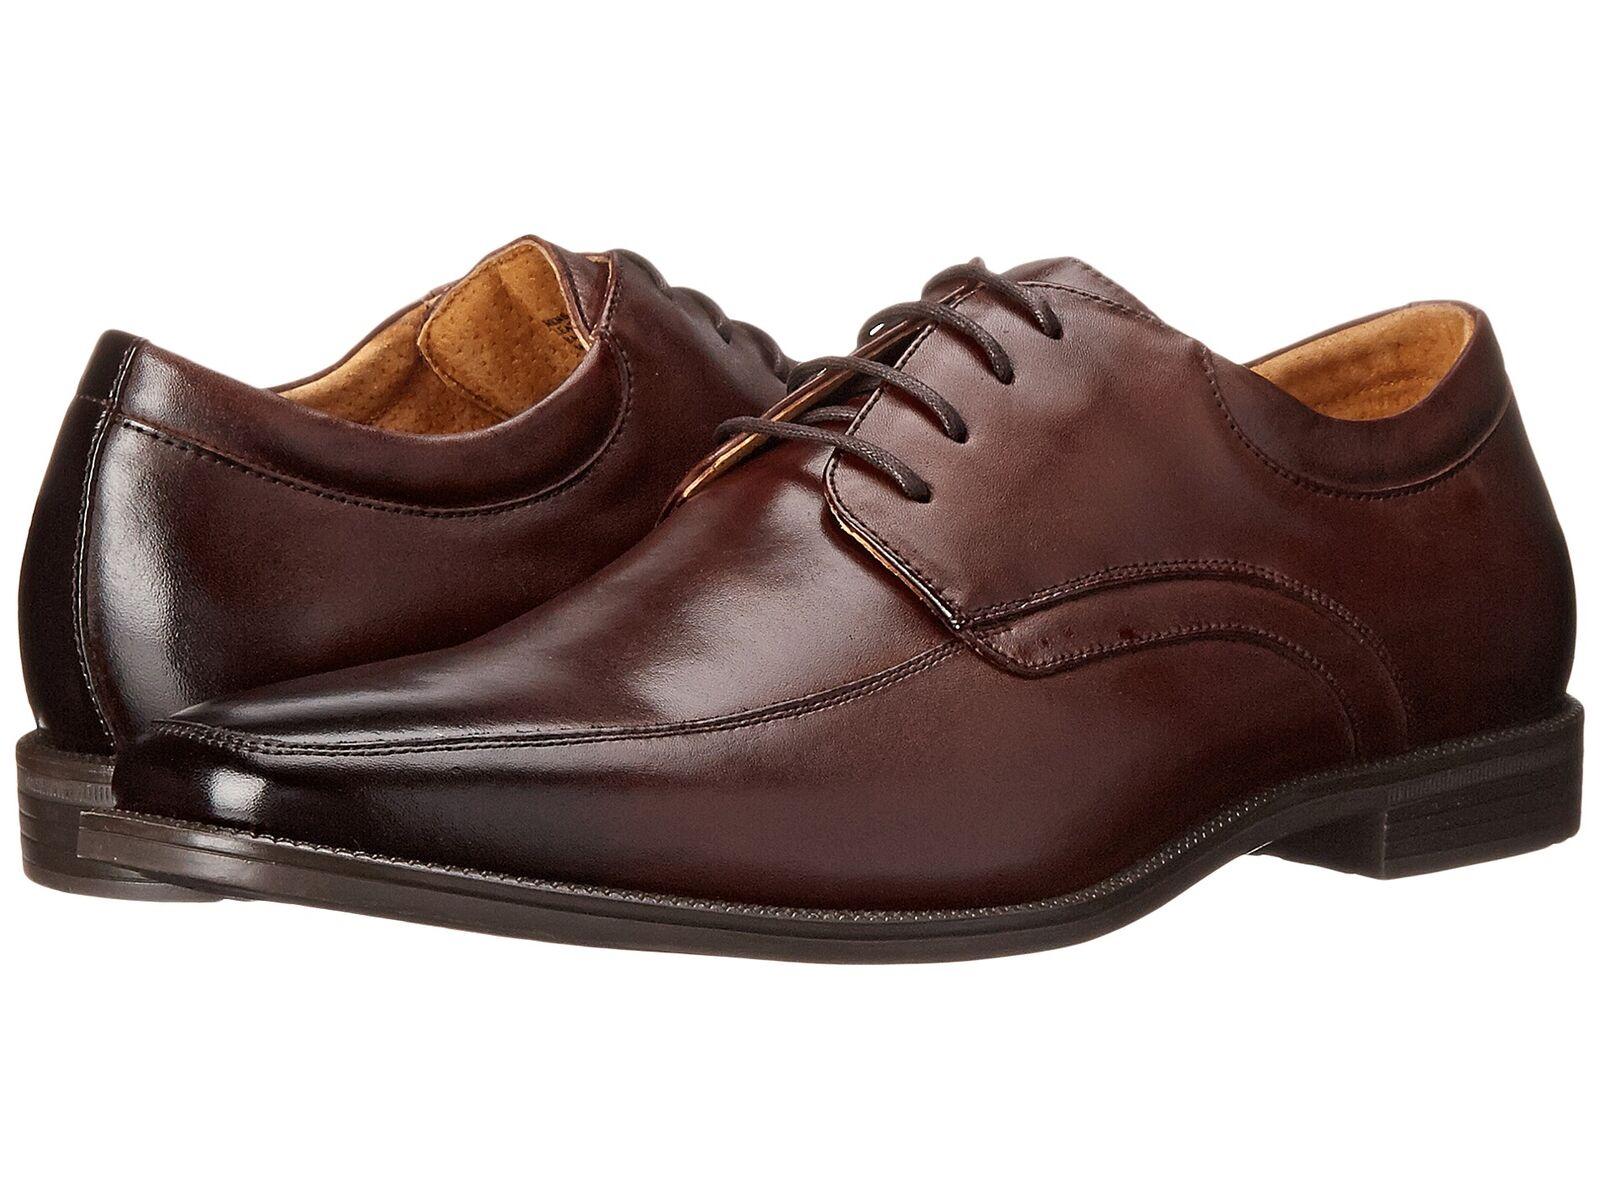 prezzi bassi Florsheim Uomo Forum Moc Toe Oxford Marrone Marrone Marrone leather scarpe 14153-200  negozio online